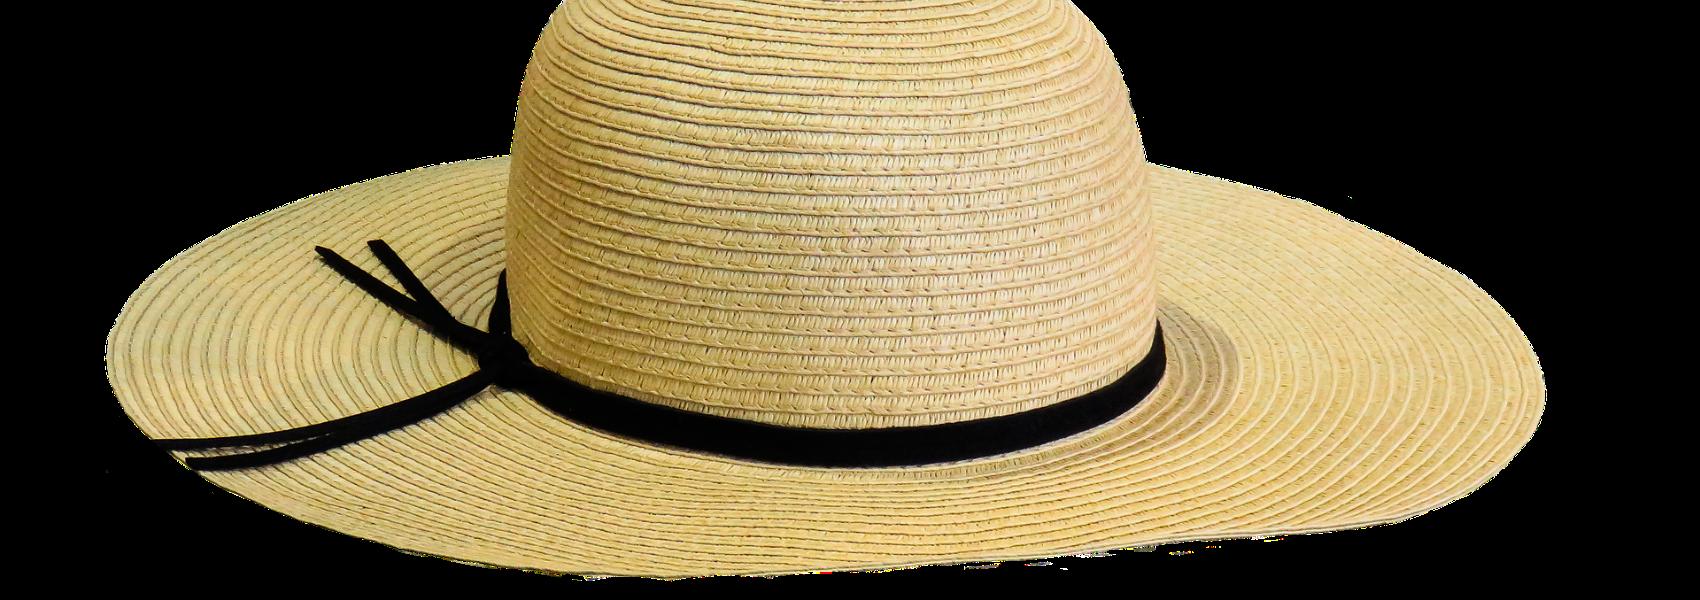 hat-1625676_1920 (1)